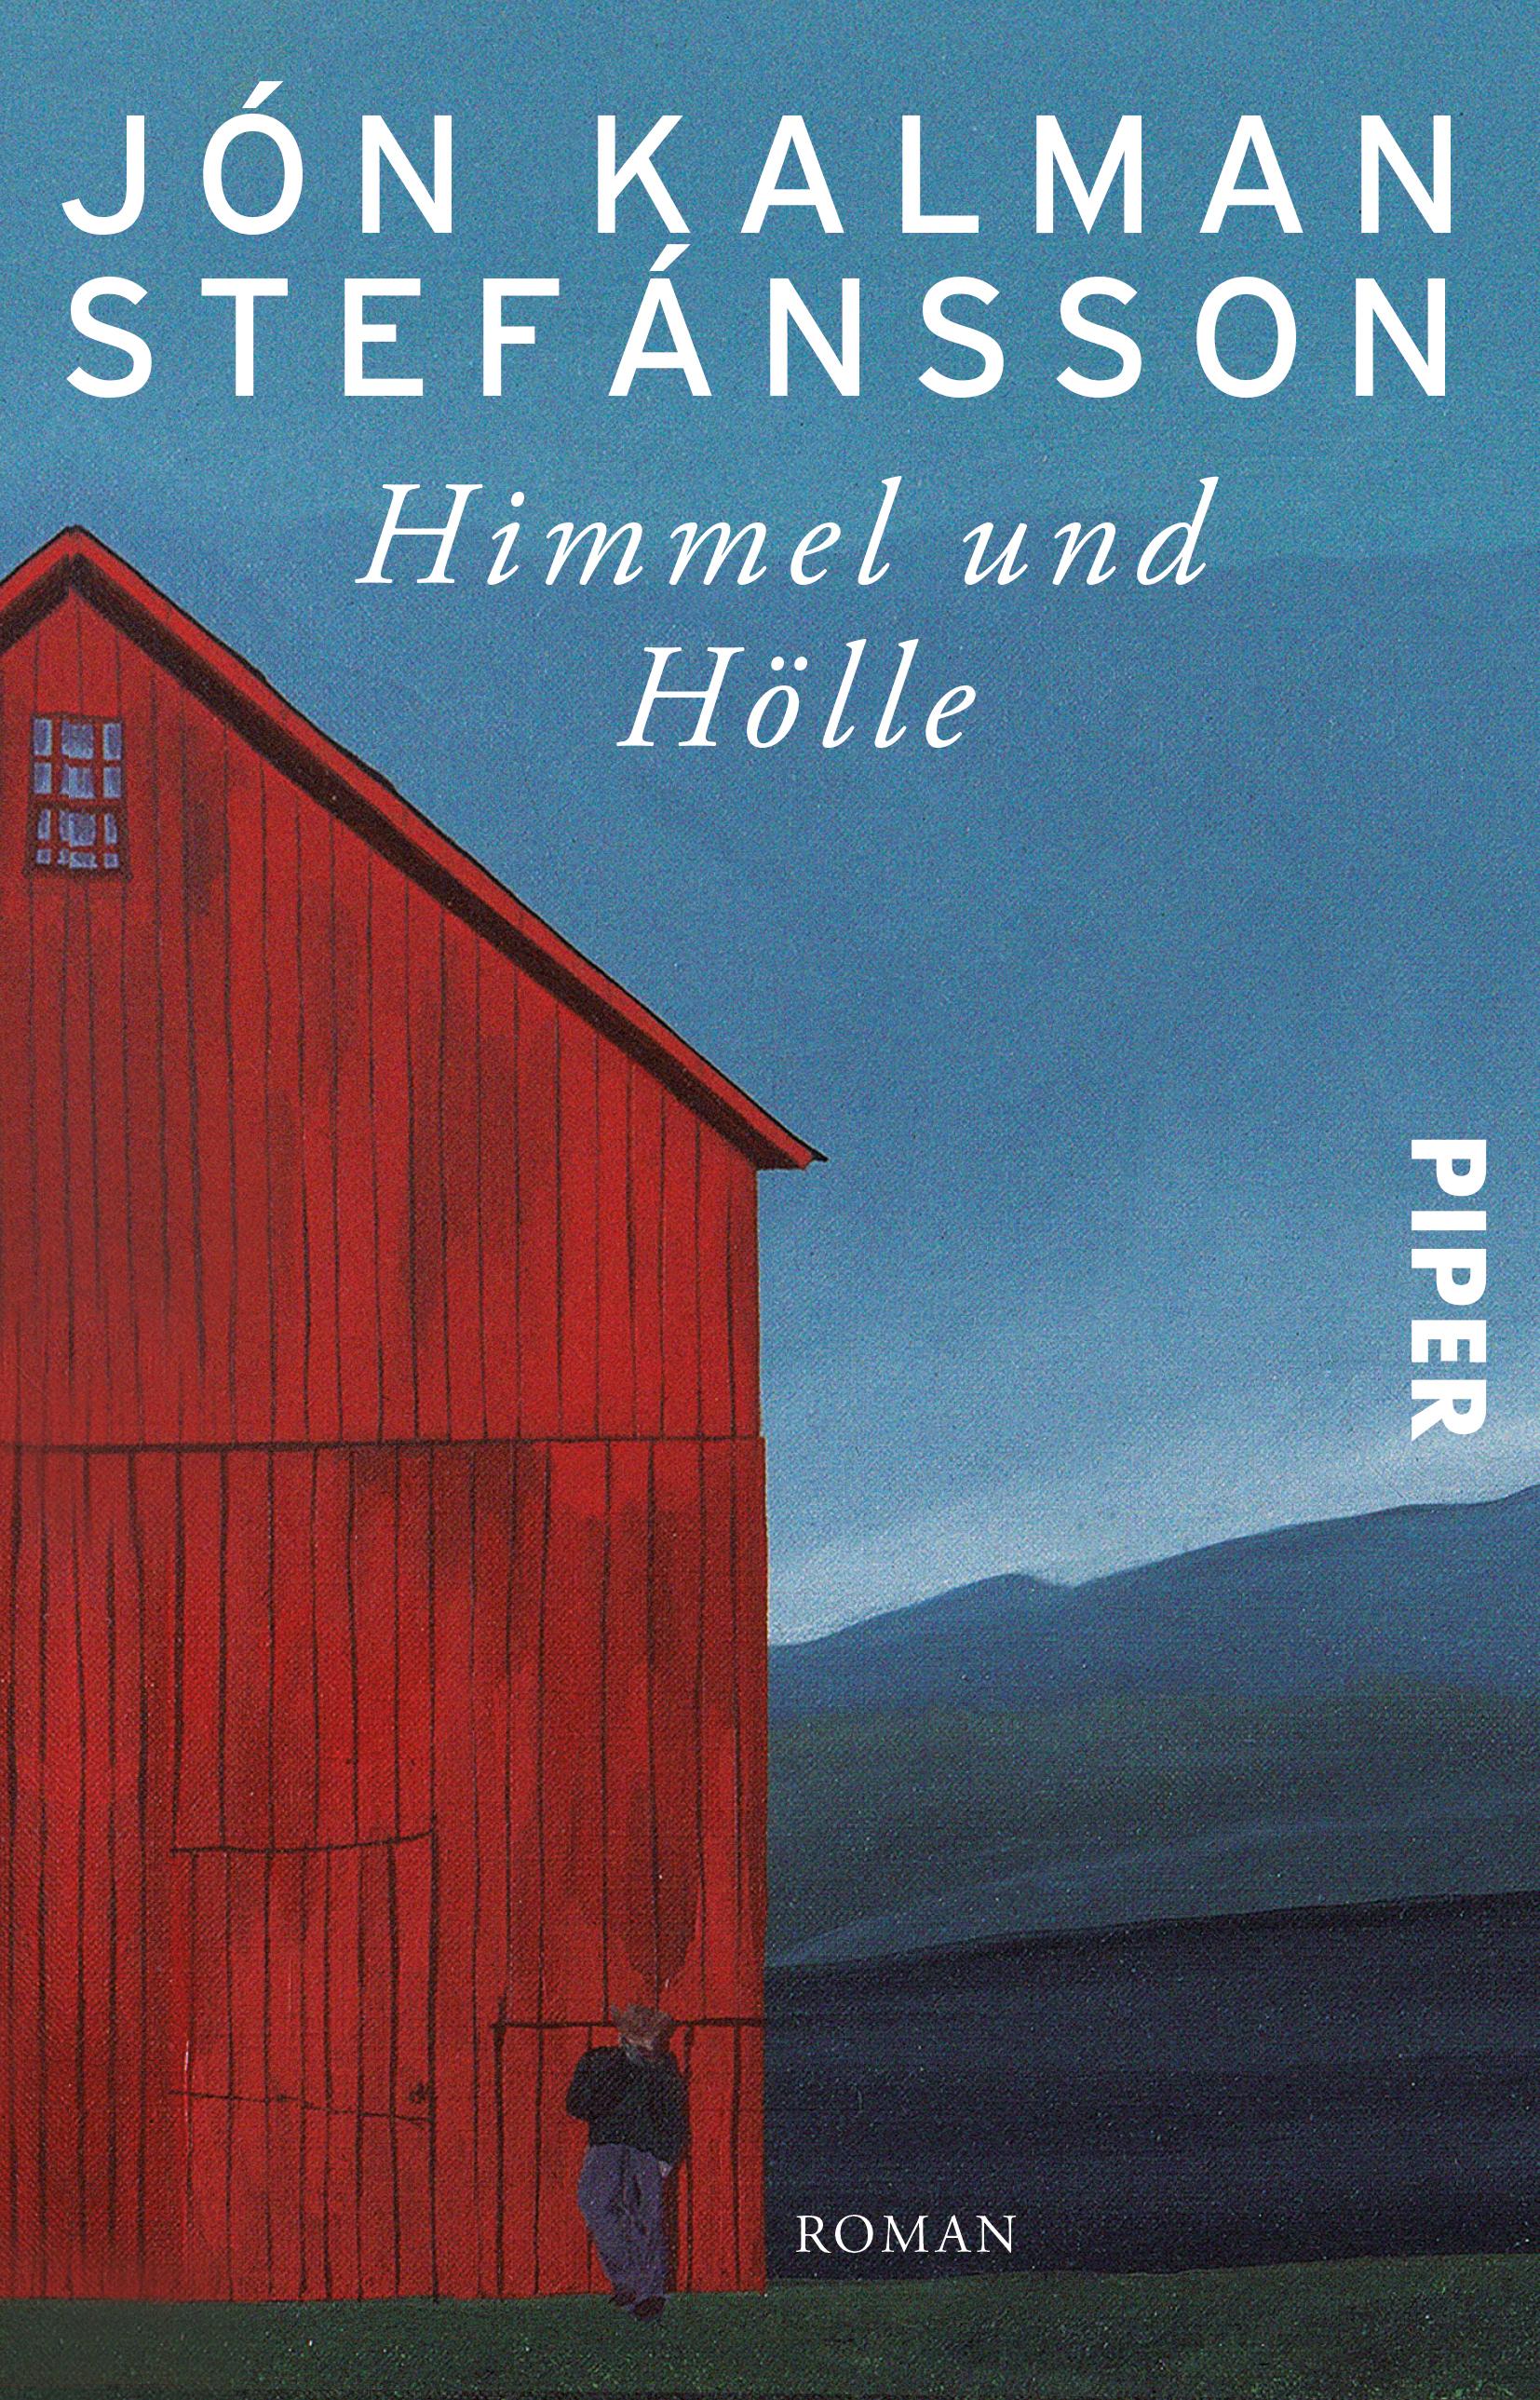 Himmel und Hölle von Jón Kalman Stefánsson  PIPER